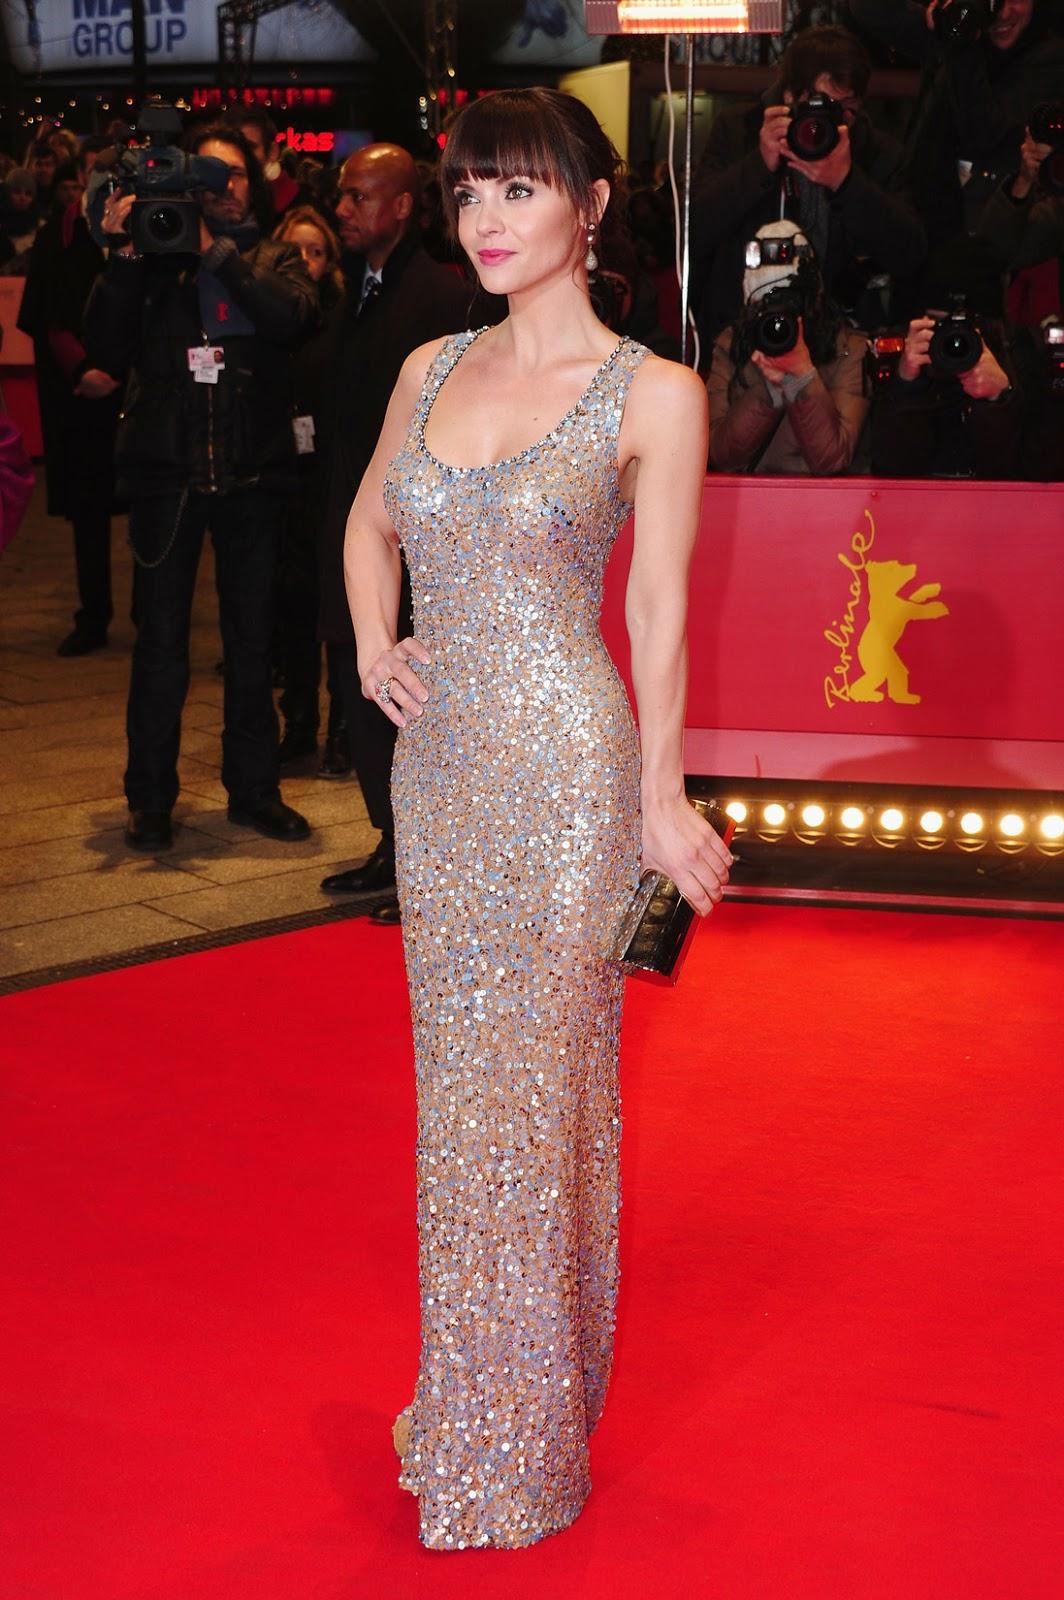 Christina Ricci hot hd wallpapers - Actress Photosz